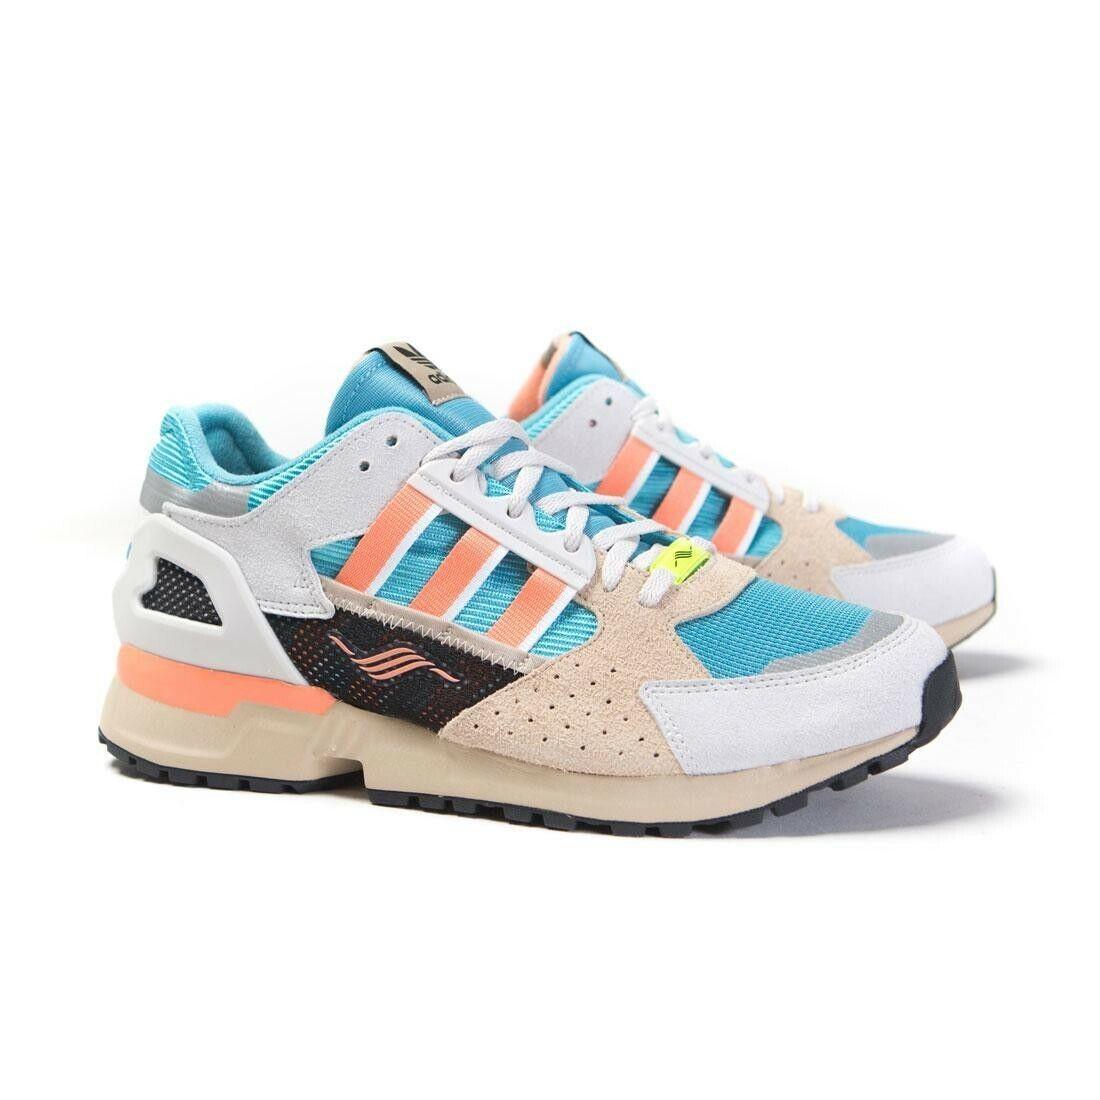 Adidas Consortium Men ZX 10,000 C bluee EE9485